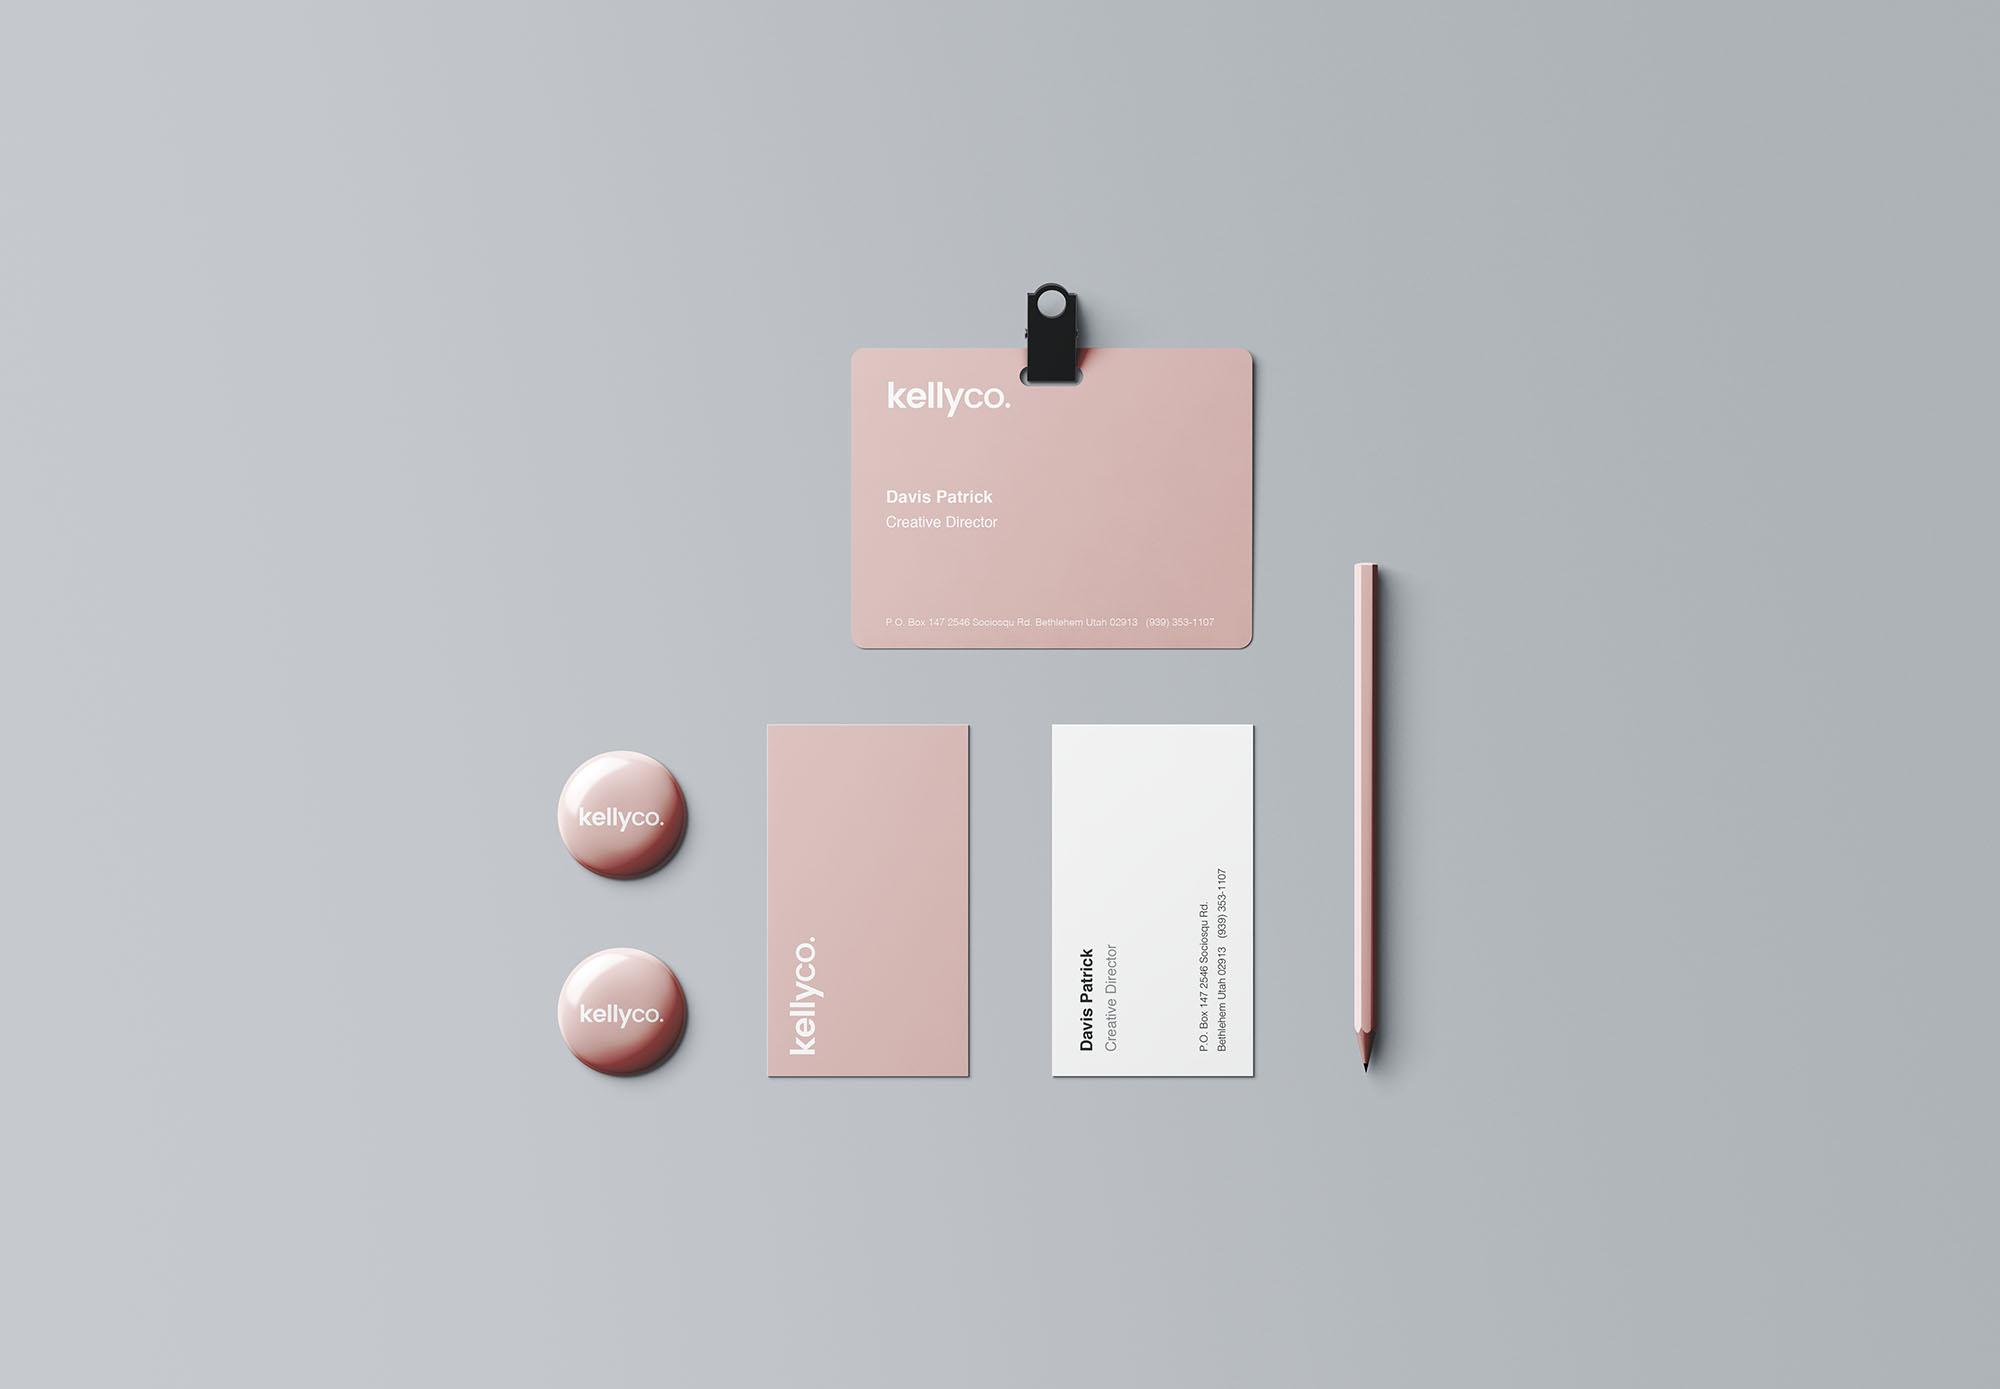 多用途品牌设计品牌VI设计样机智能贴图Premium Branding Mockup-20190331T103132Z-001